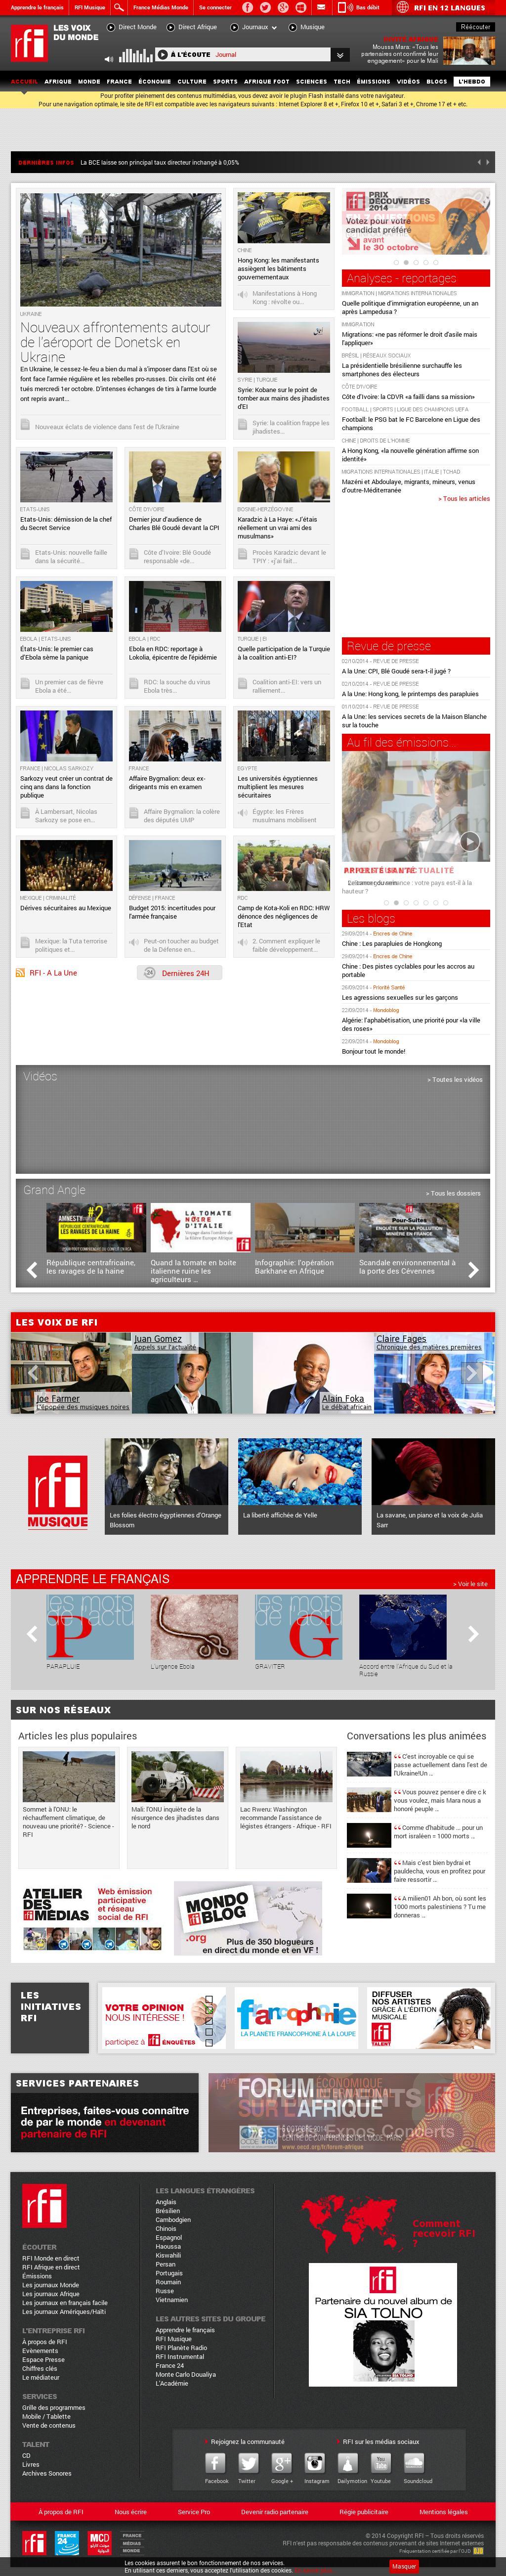 RFI at Thursday Oct. 2, 2014, 1:12 p.m. UTC